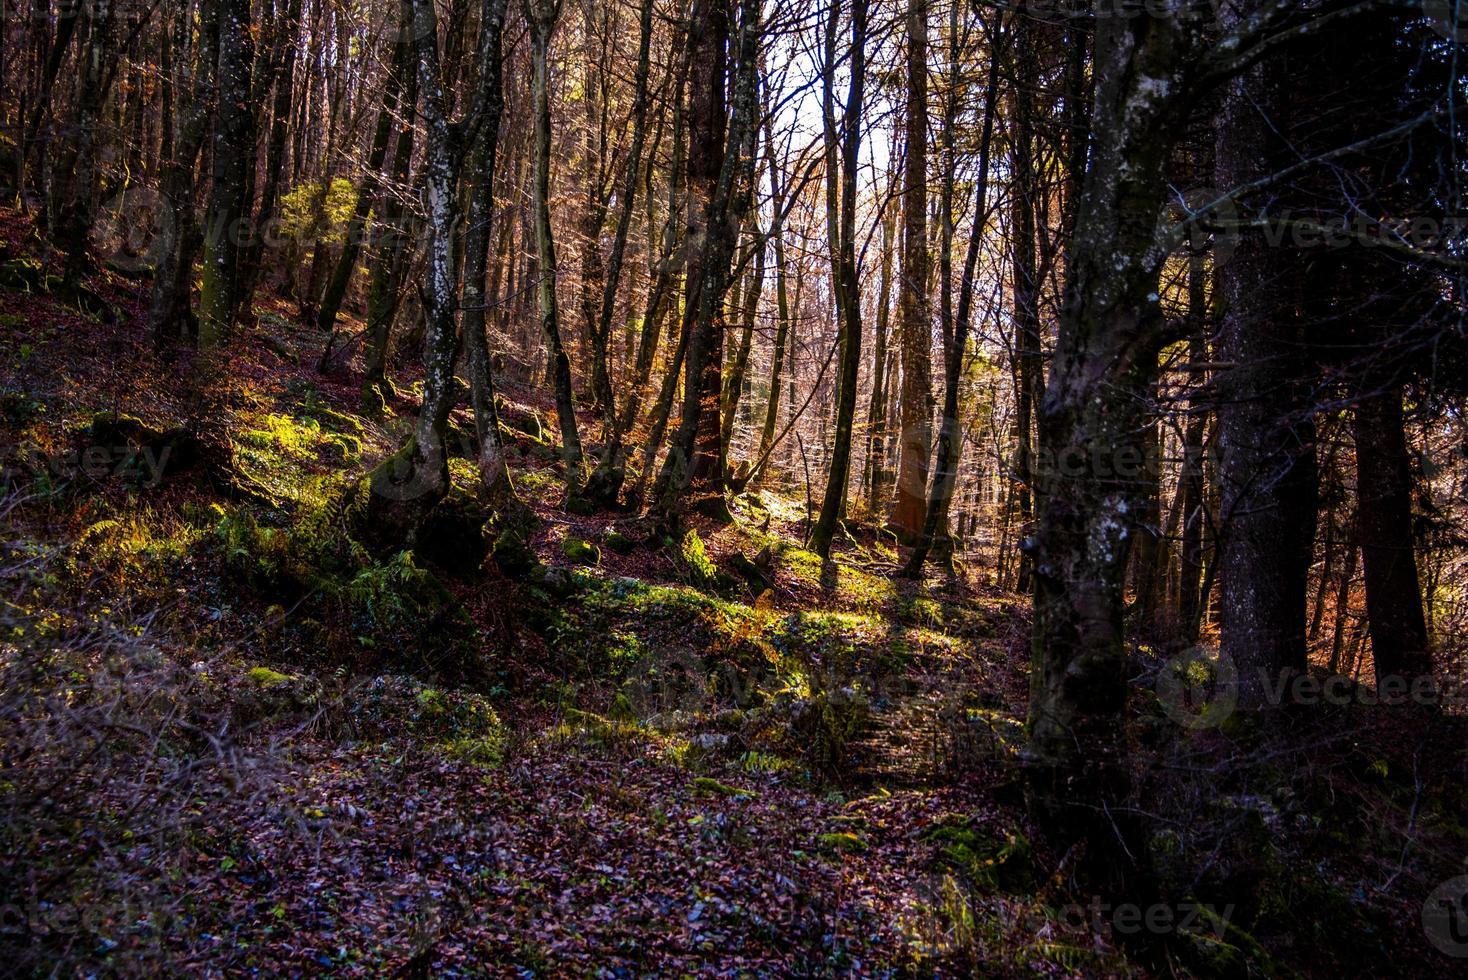 soleil filtrant à travers les bois photo